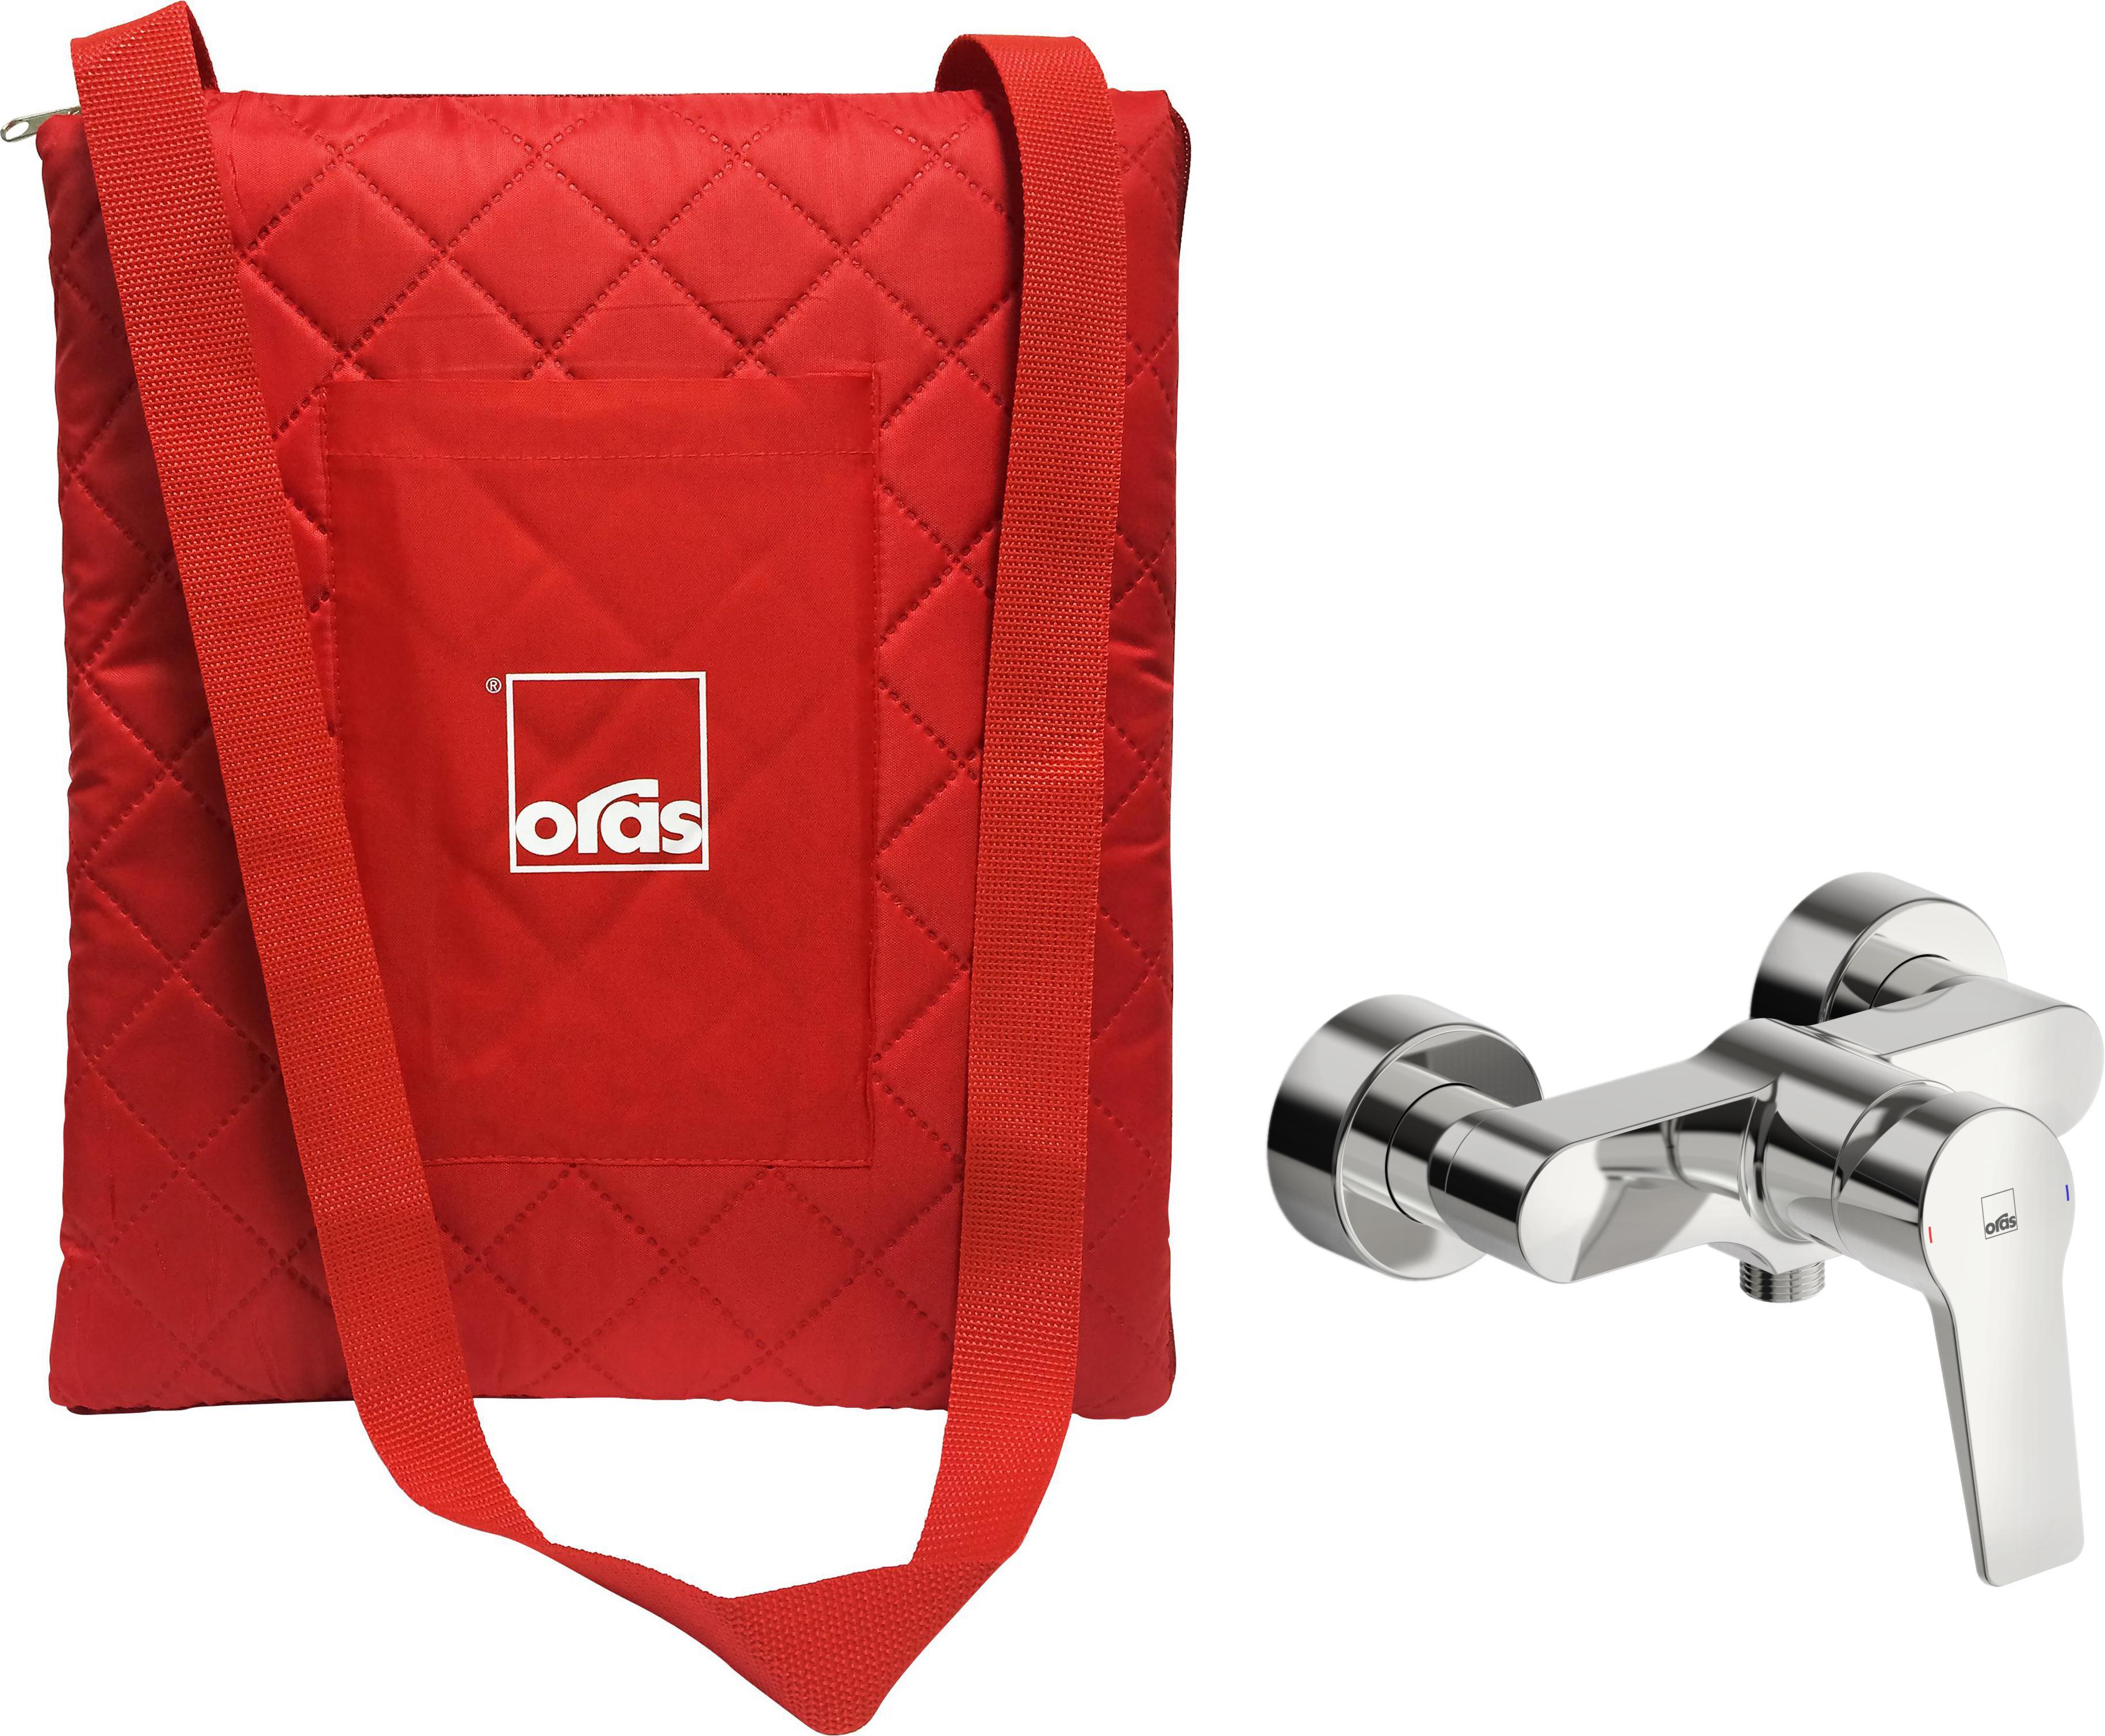 Набор Oras Смеситель twista 3860u +Плед для пикника soft & dry набор сантехнических прокладок сантехник 4 для смесителя